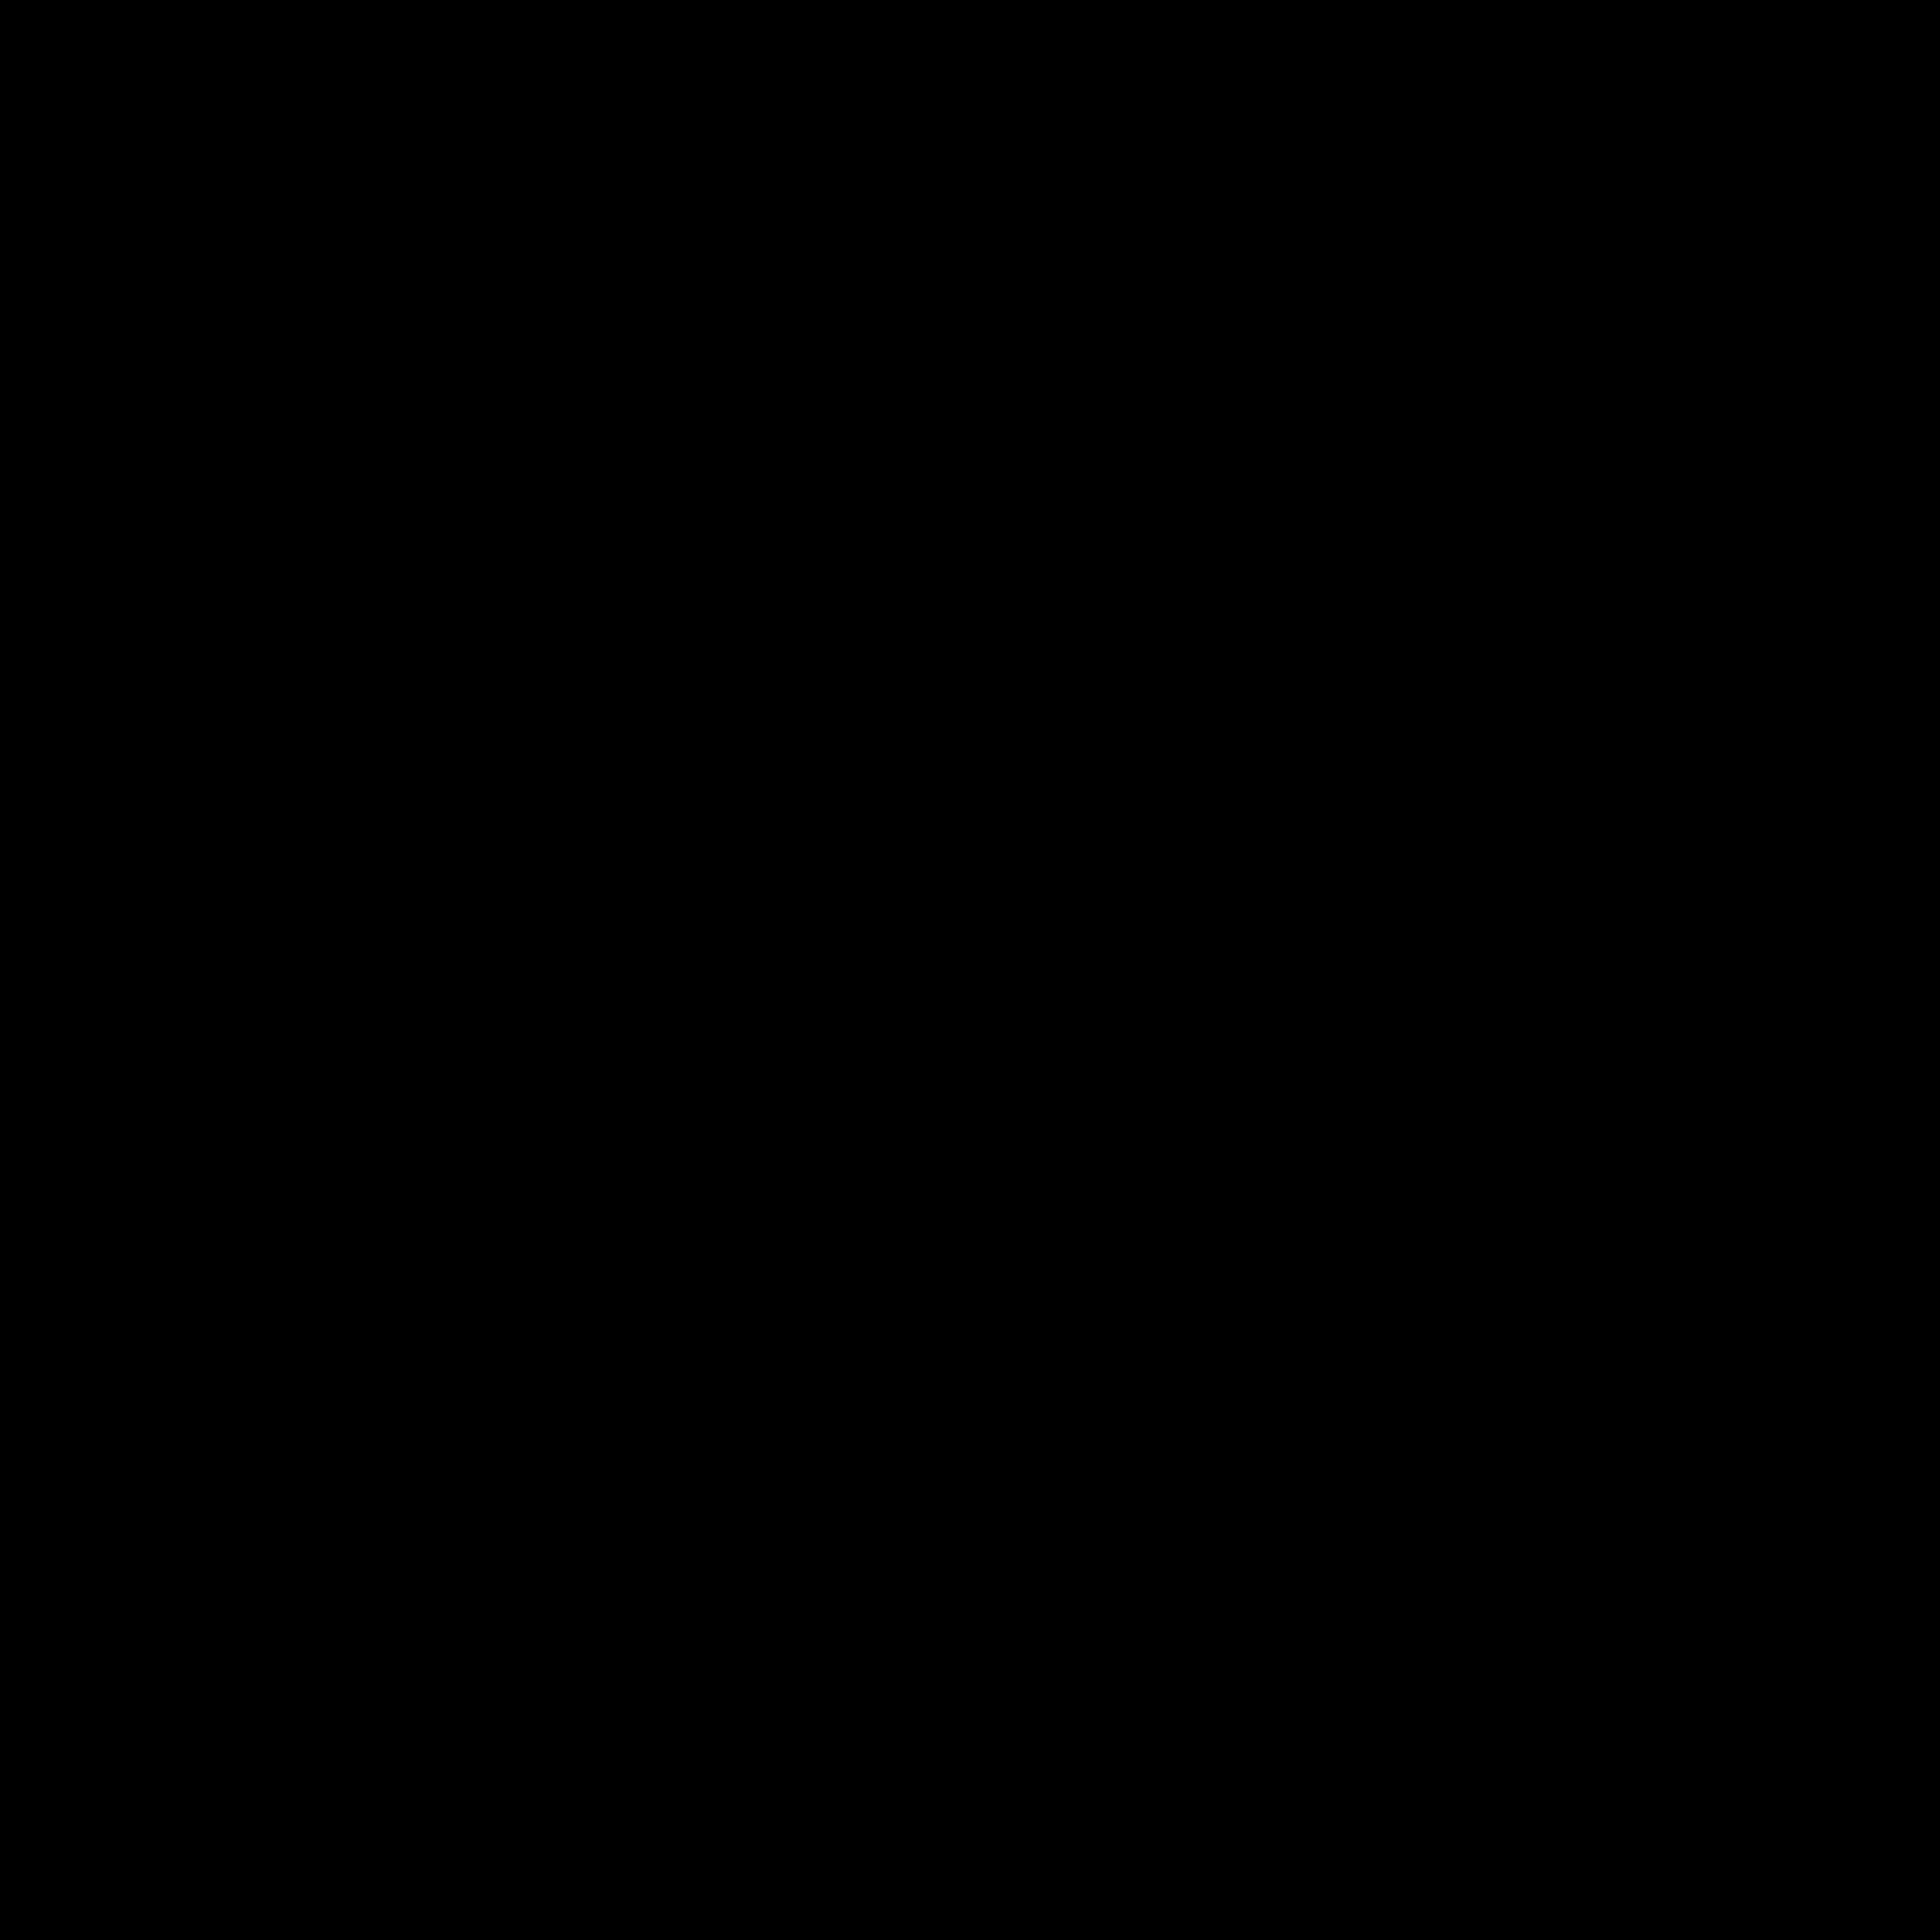 Best Dad Ever SVG - Free SVG File from SavanasDesign